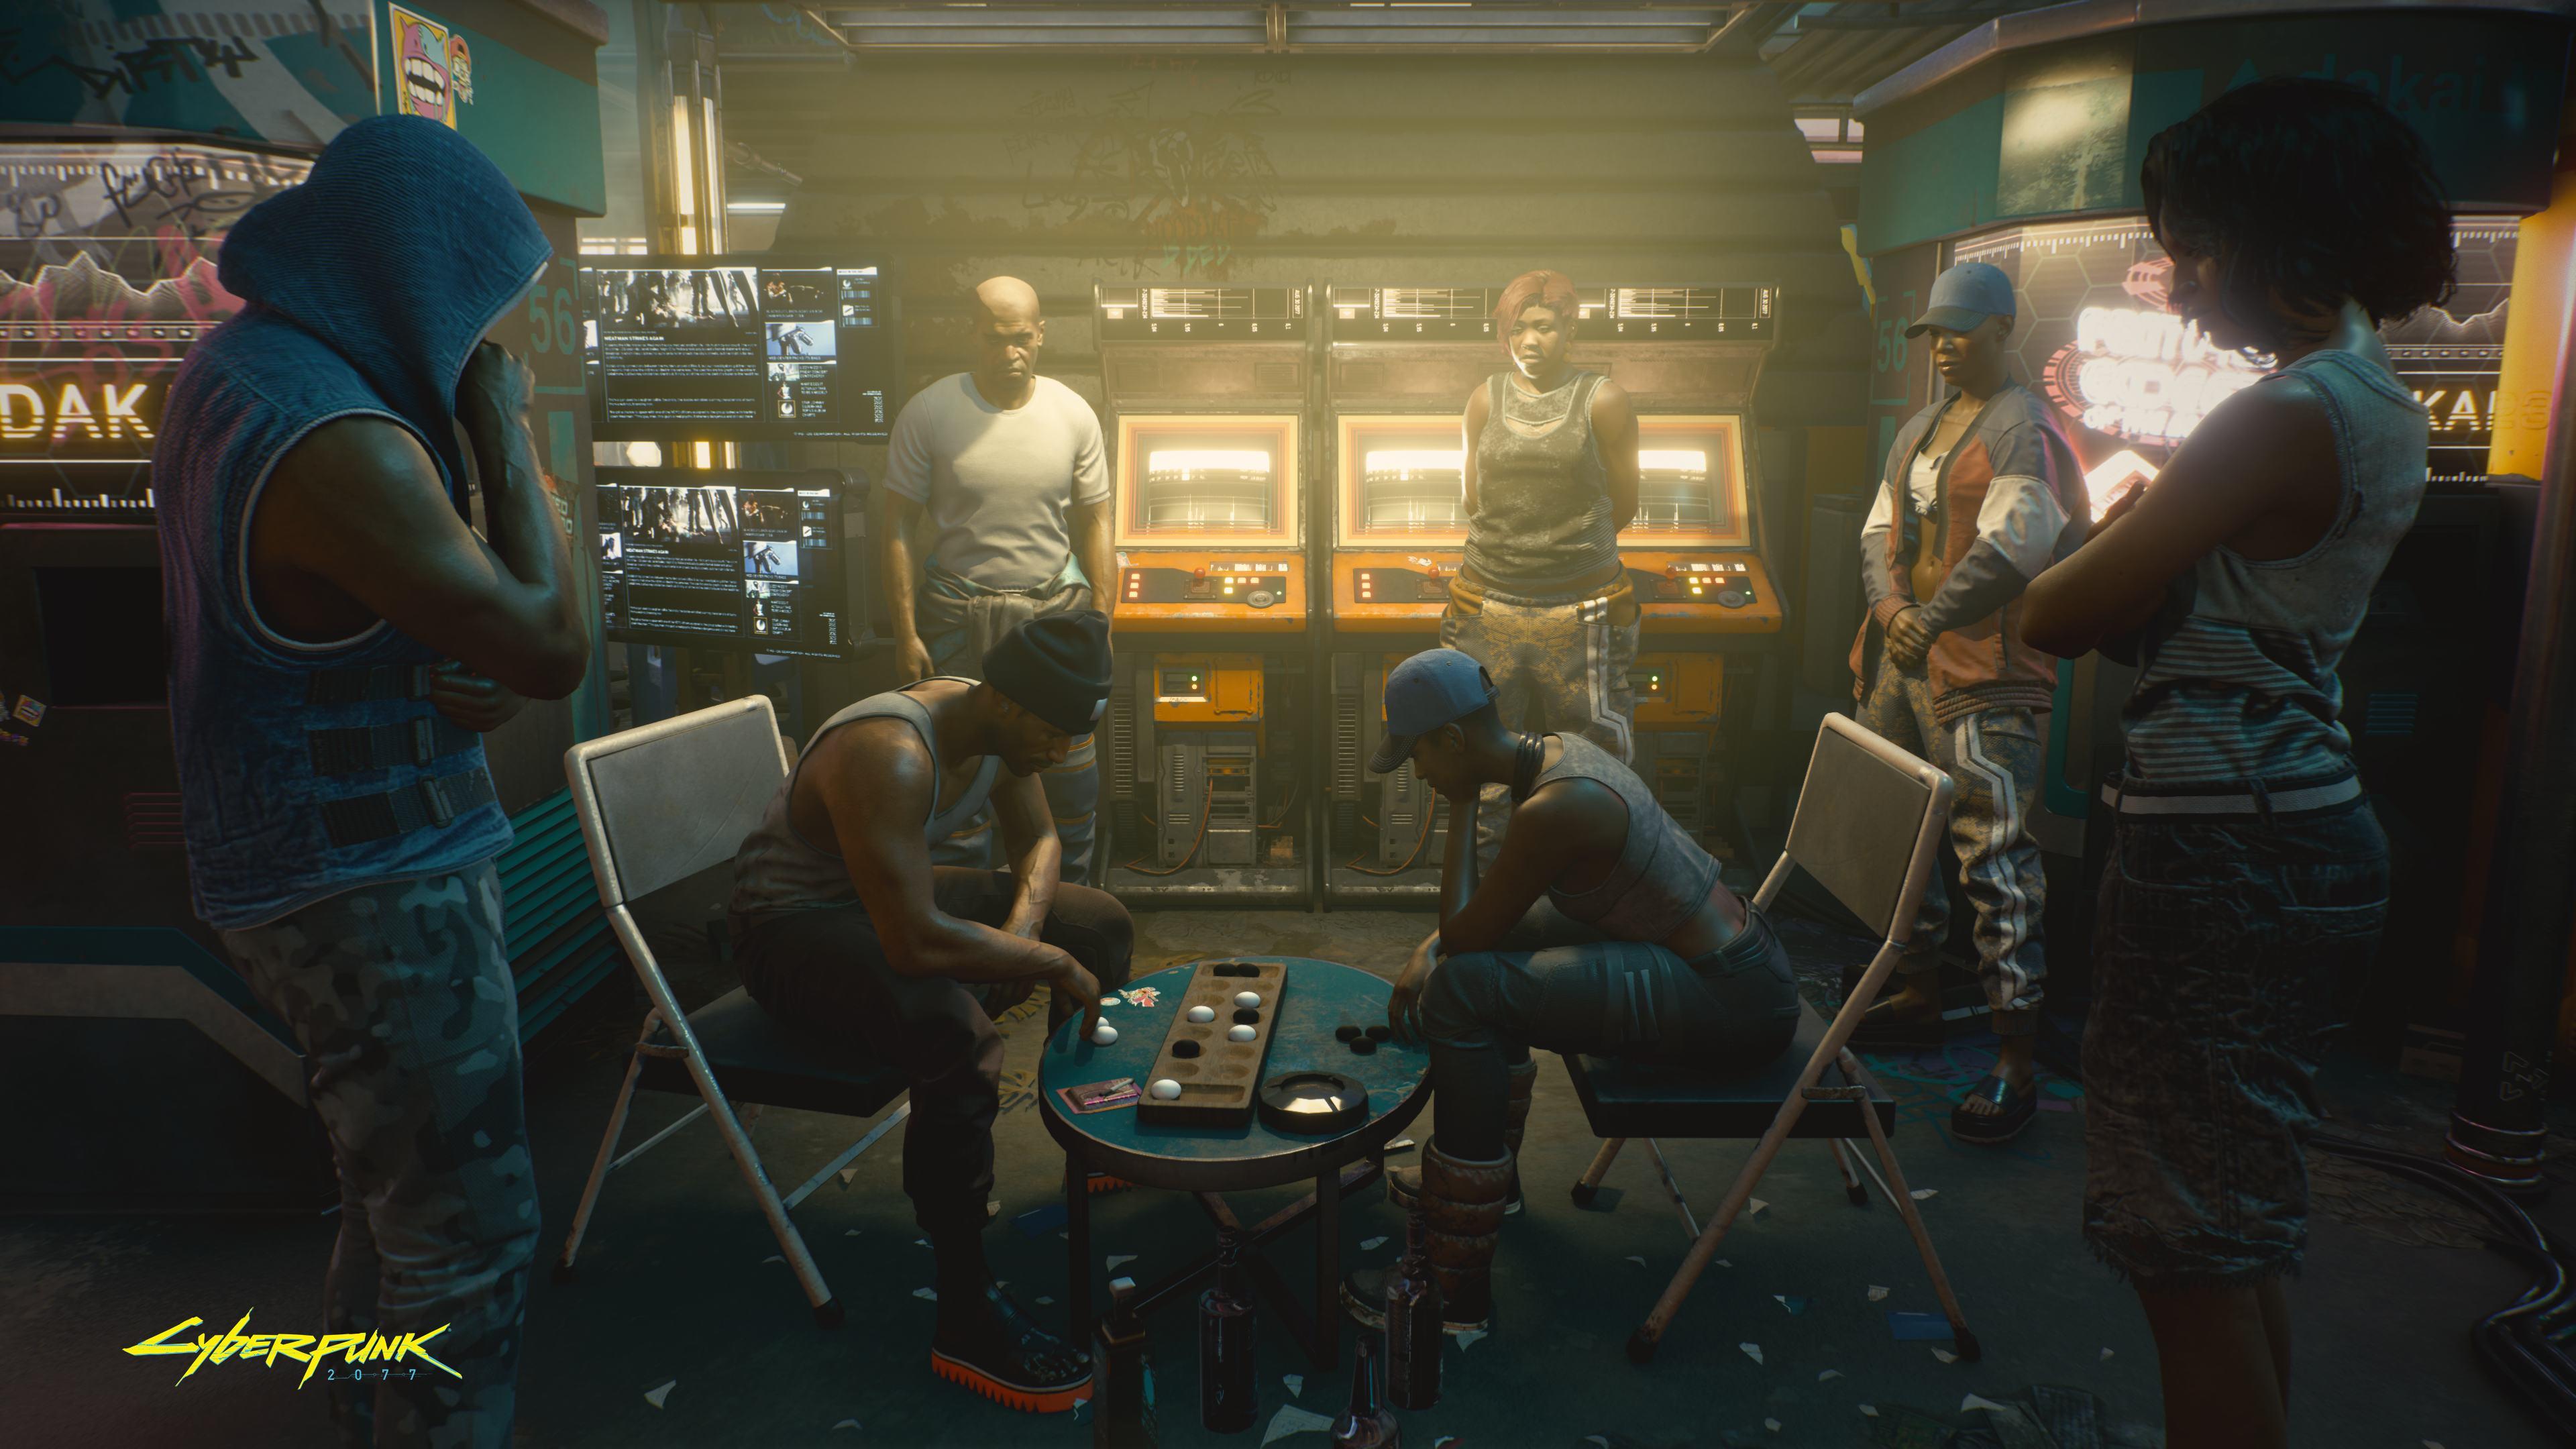 اطلاعات بیشتری از بازی Cyberpunk 2077 منتشر شد